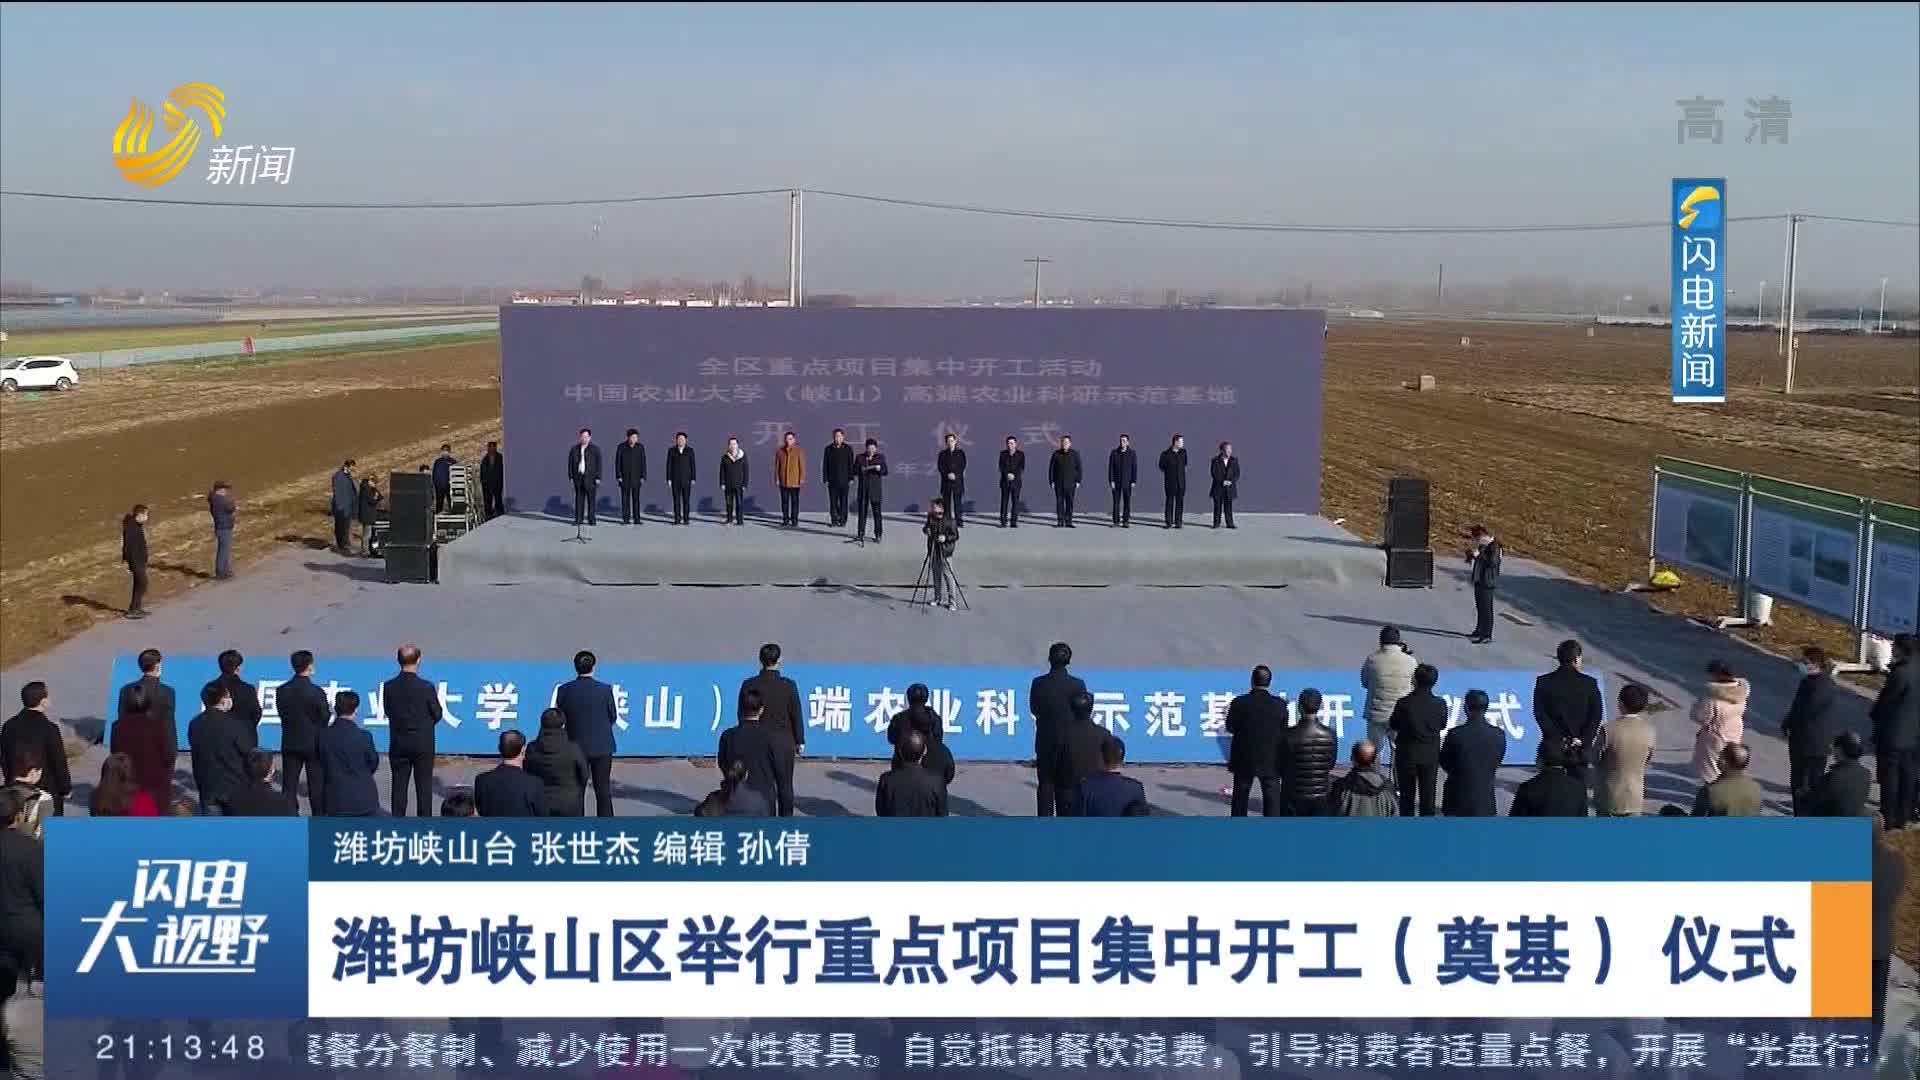 潍坊峡山区举行重点项目集中开工(奠基) 仪式